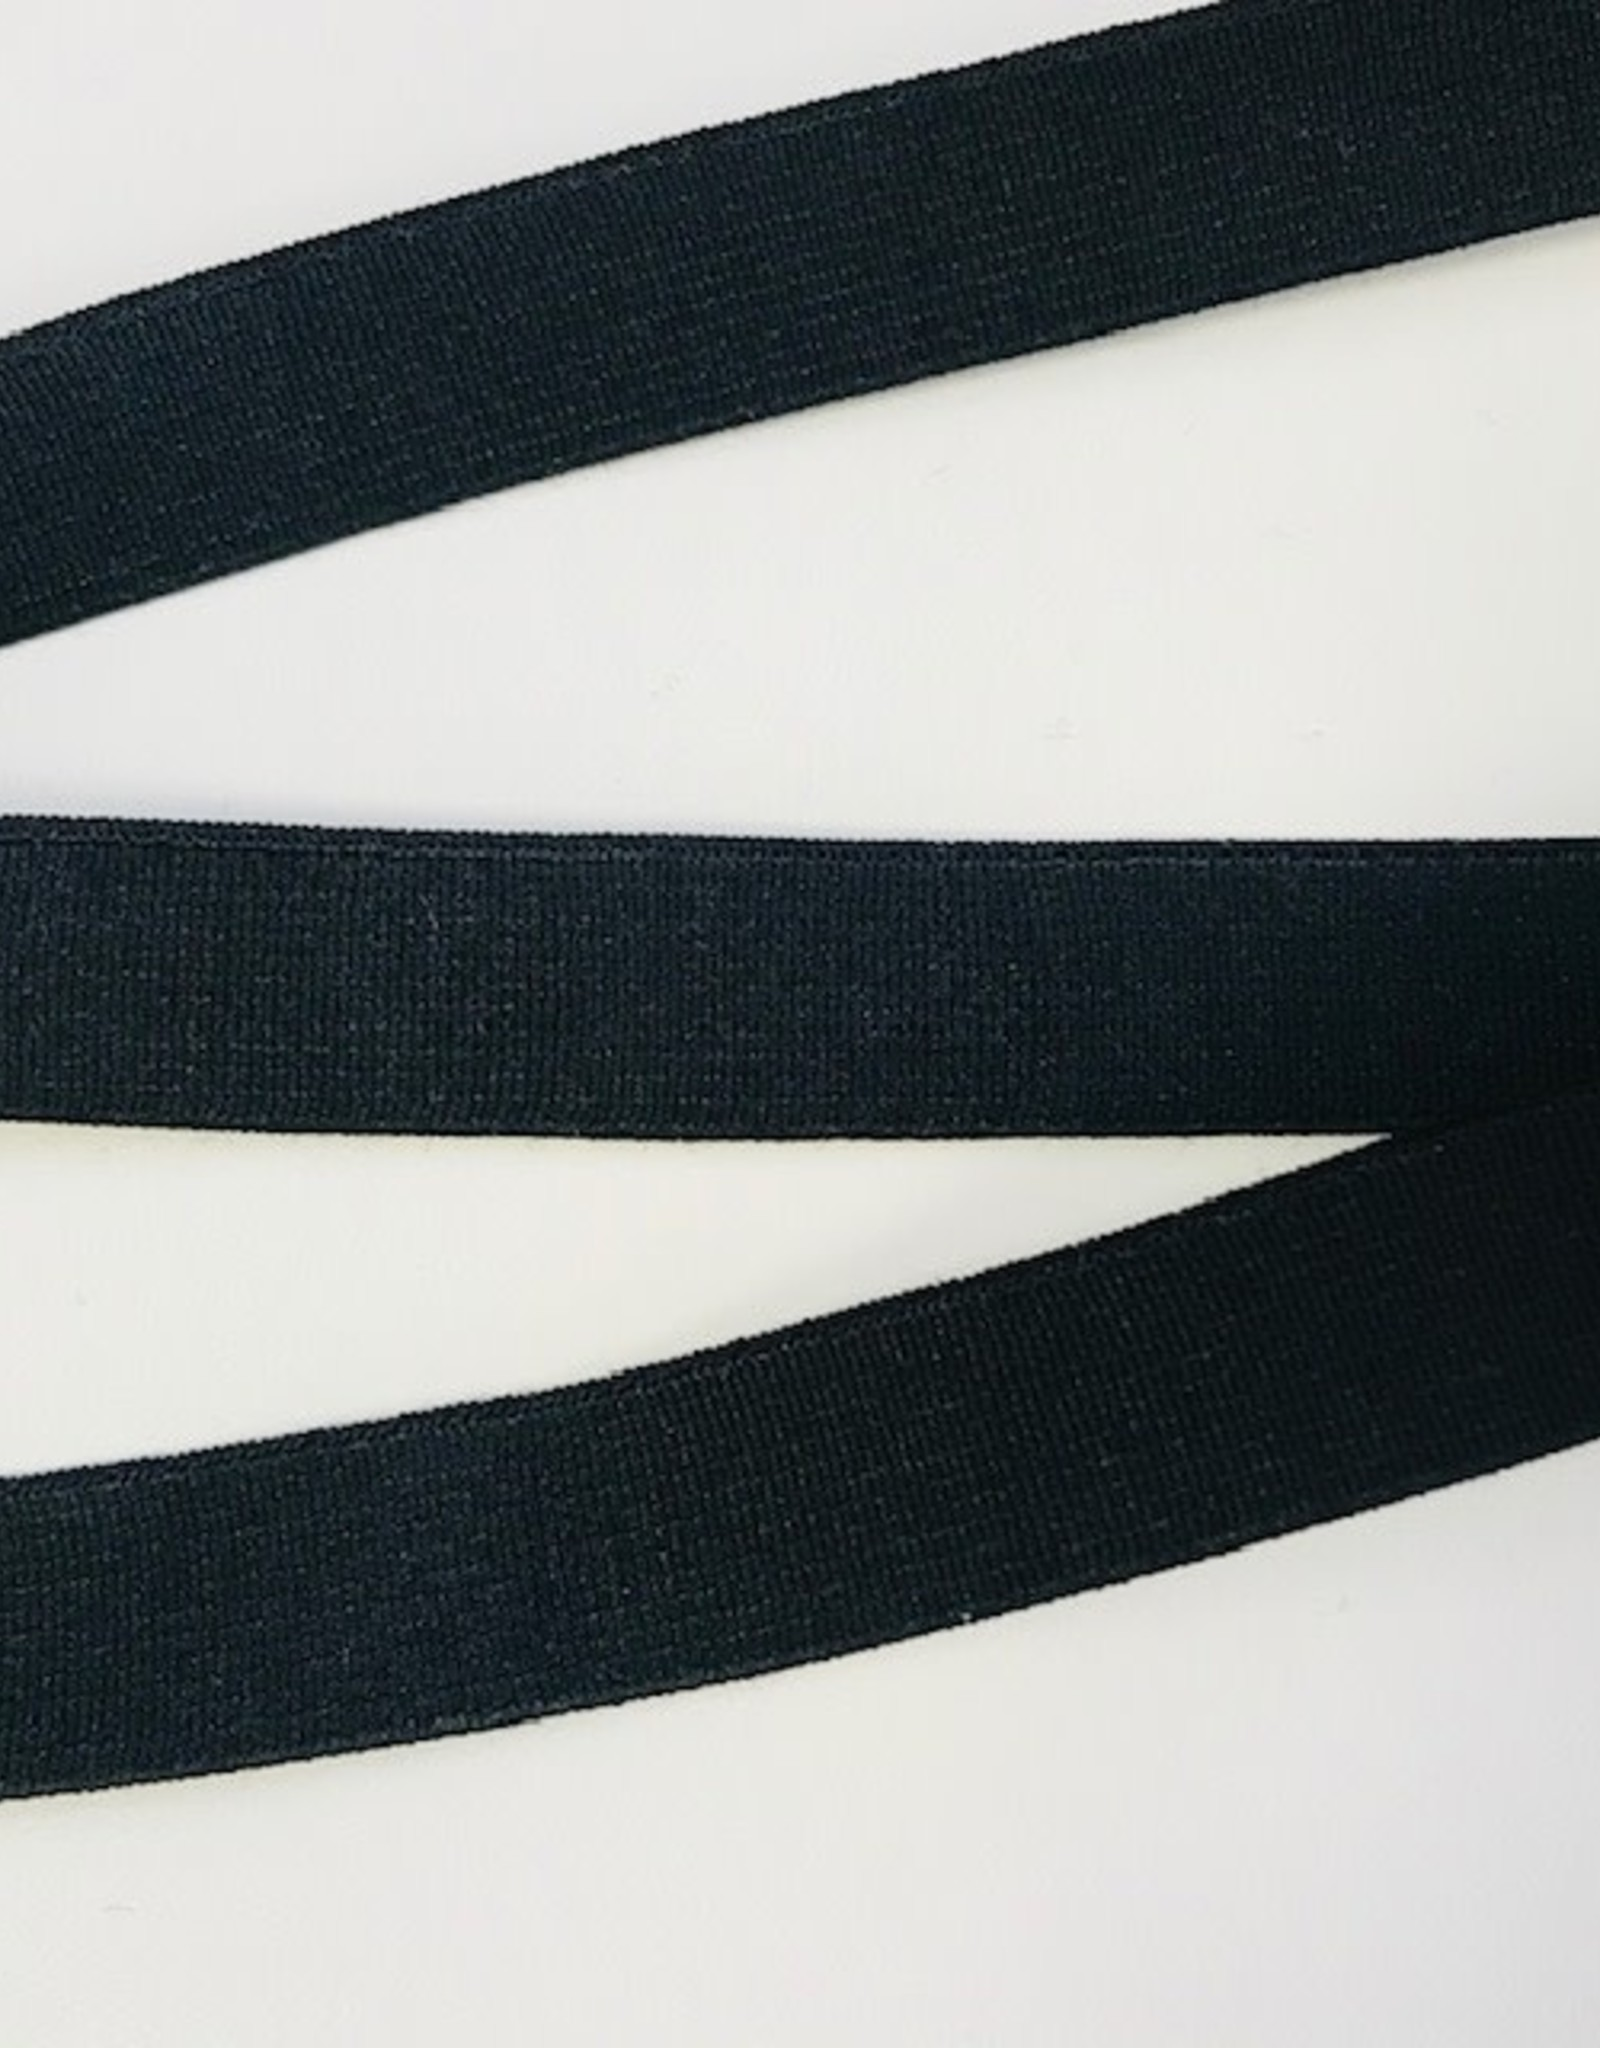 GEWEVEN ELASTIEK zacht 20mm zwart